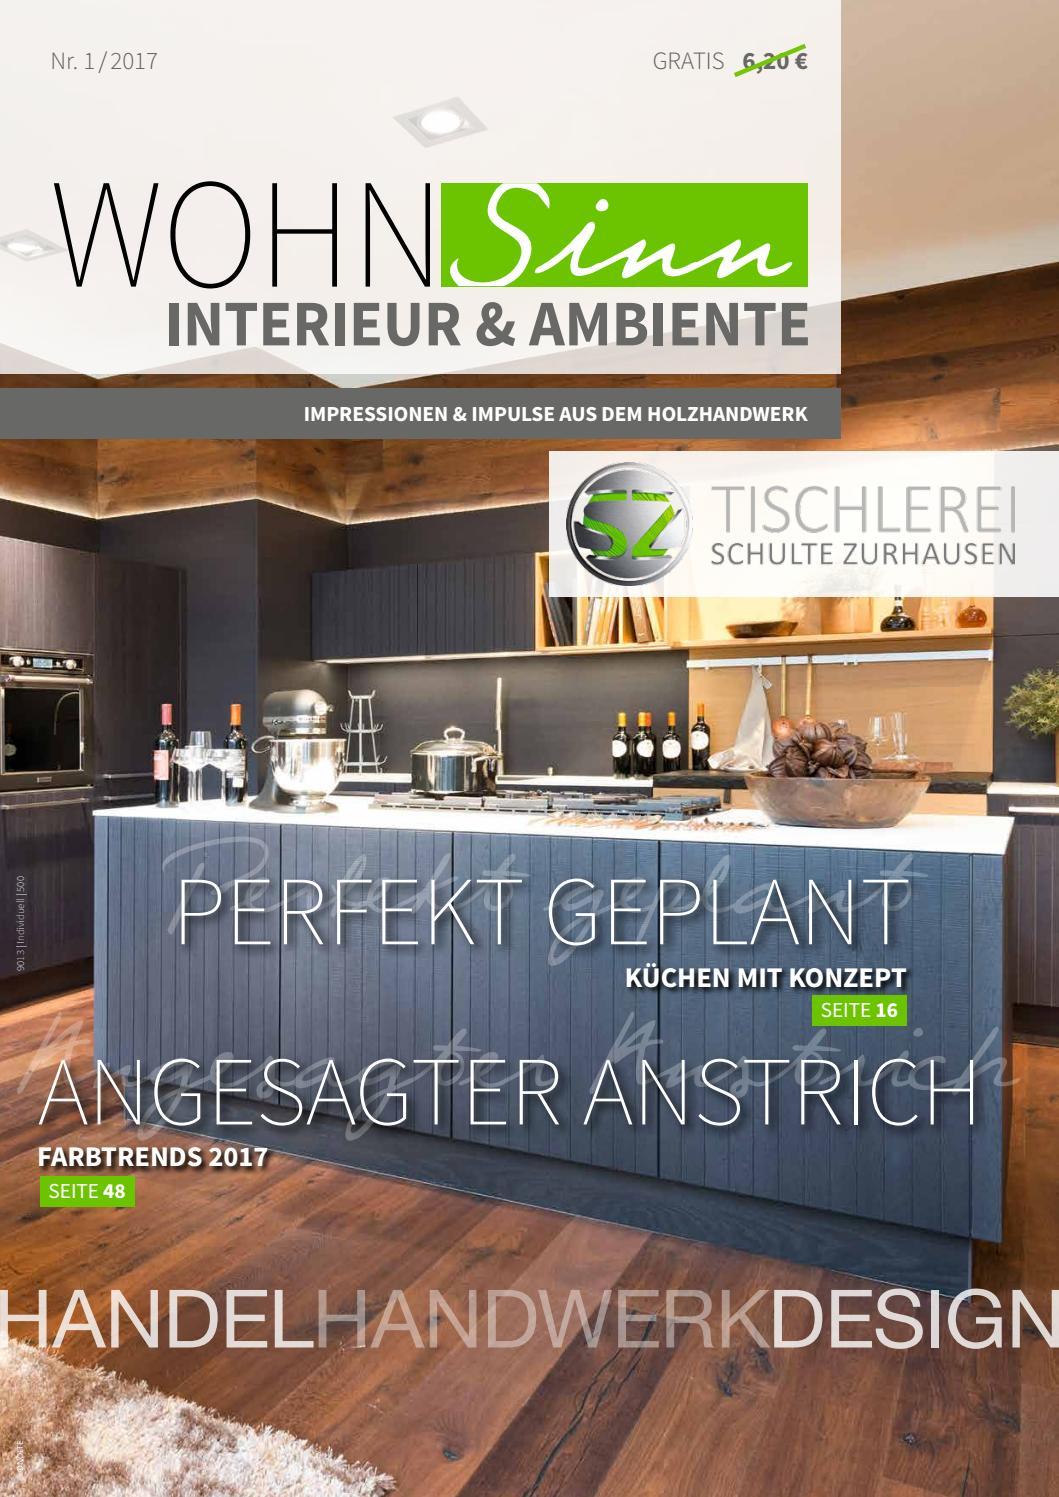 Schulte Zurhausen By TopaTeam GmbH   Issuu